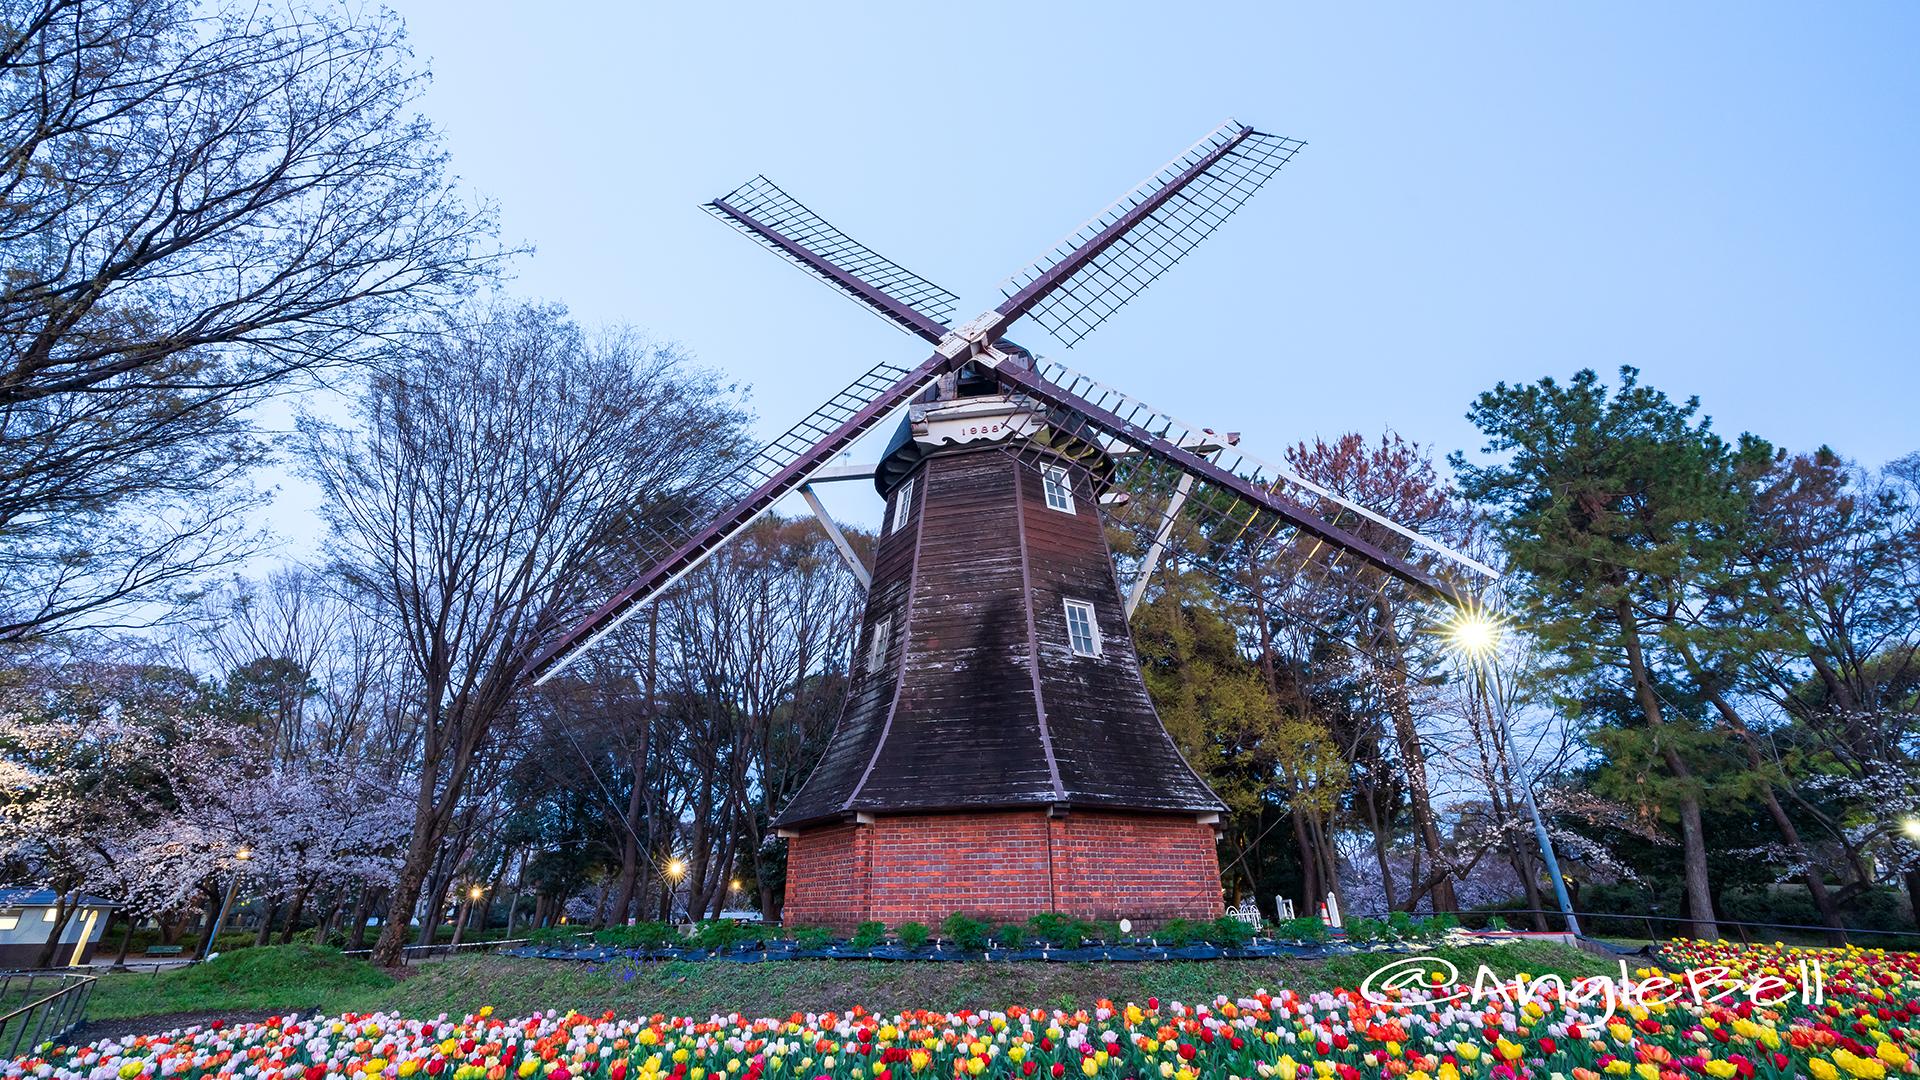 早朝 名城公園 チューリップと桜 オランダ風車2019